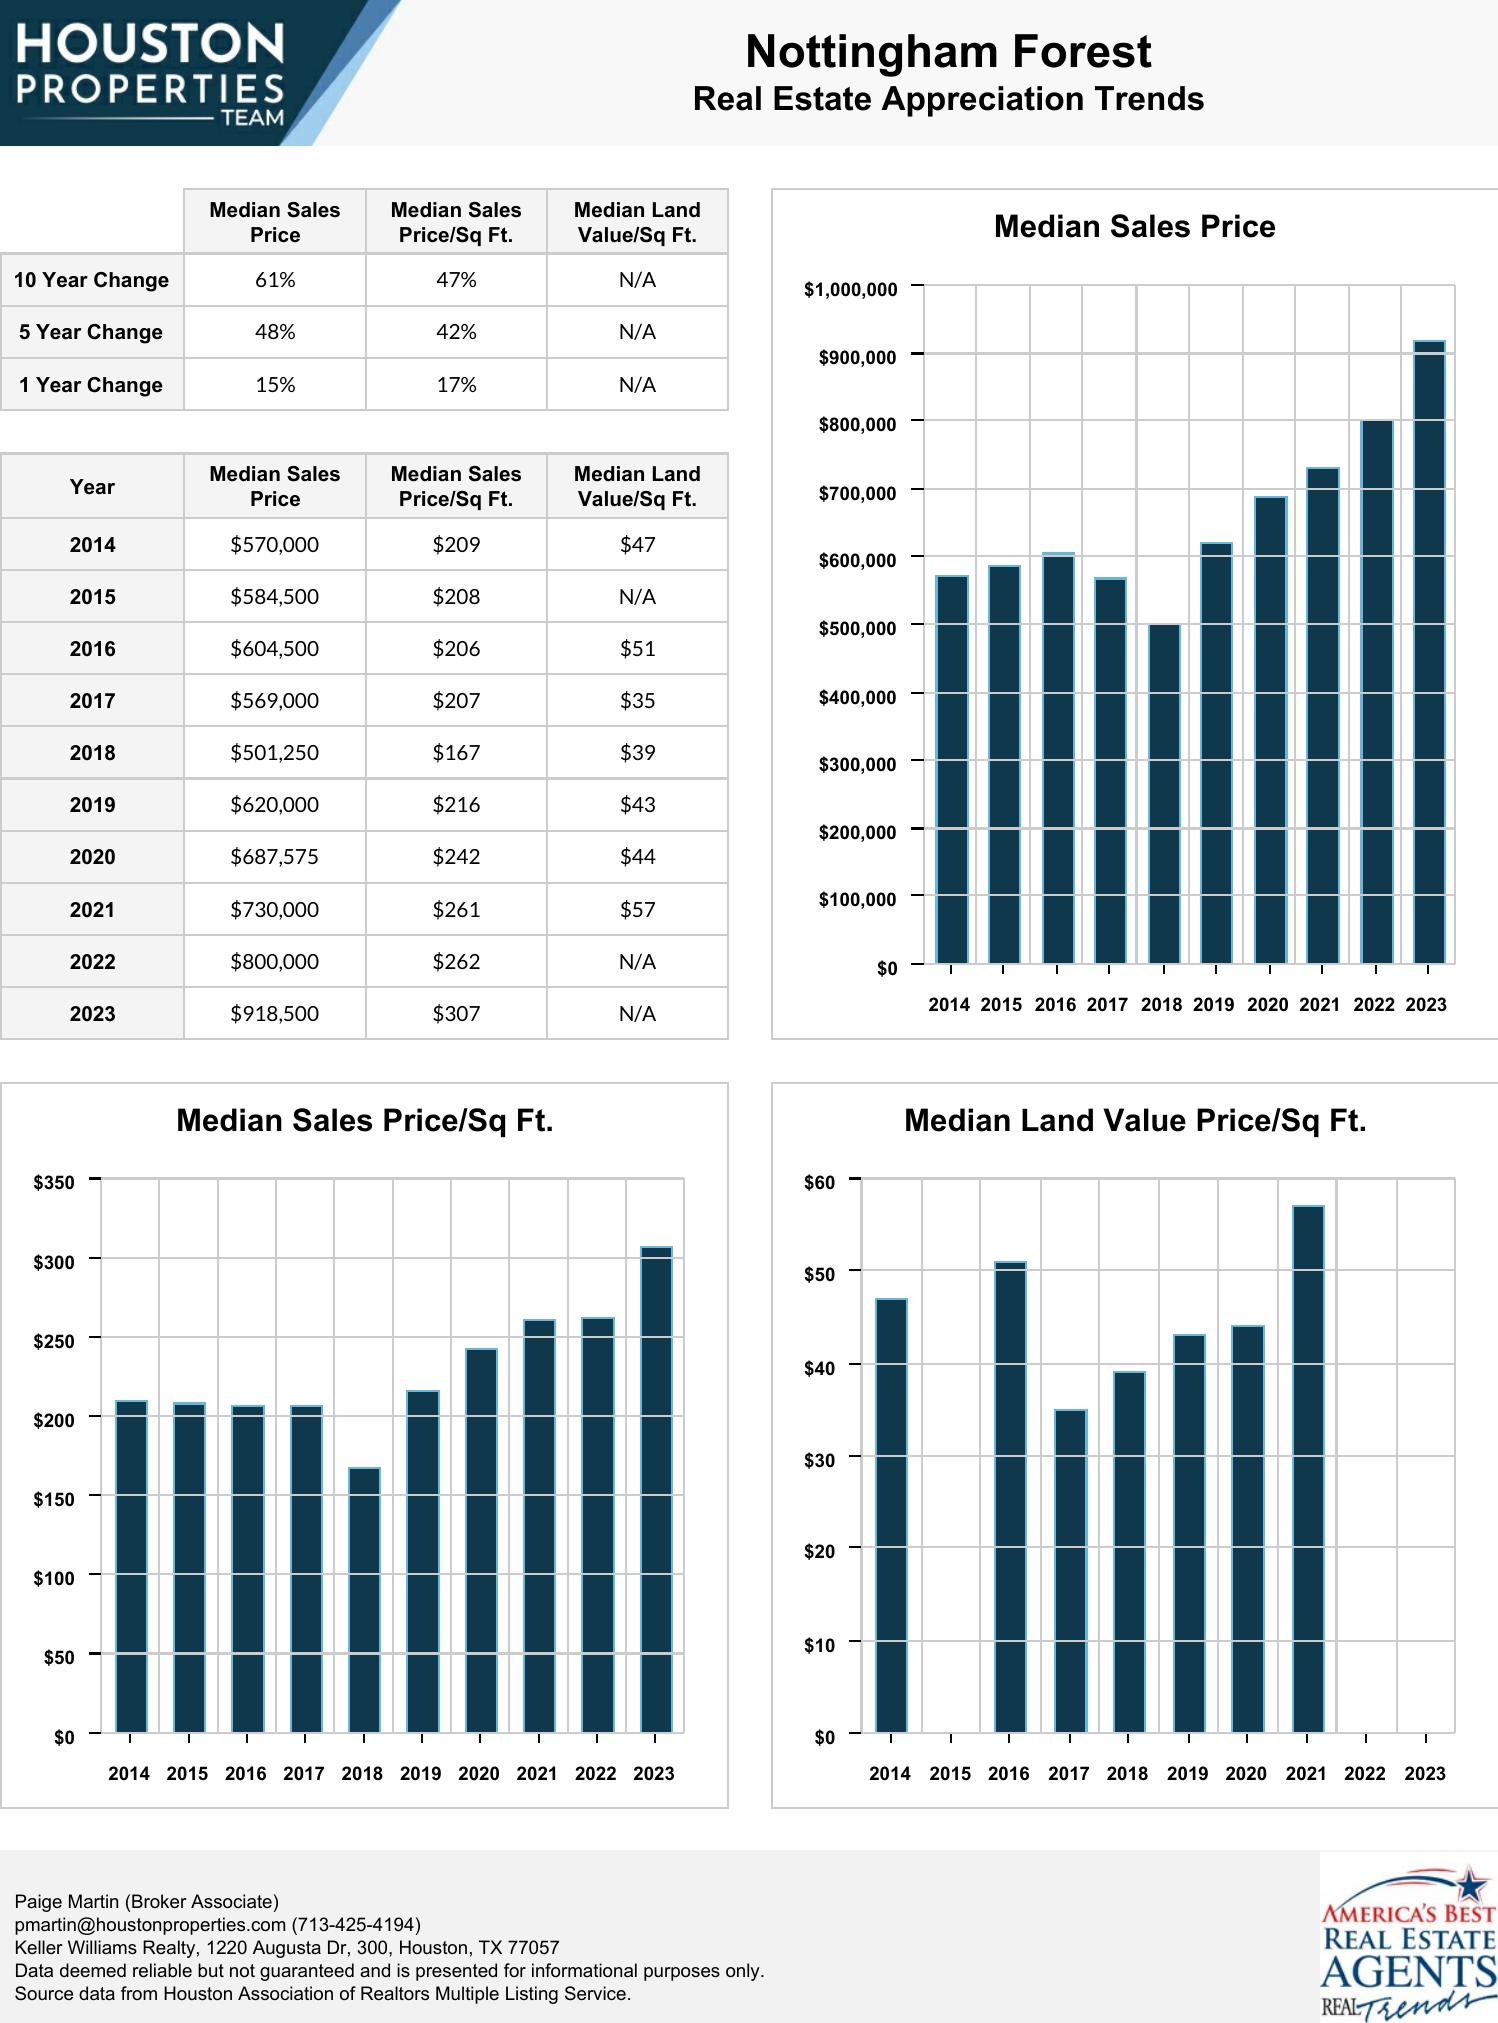 Nottingham Forest Real Estate Trends